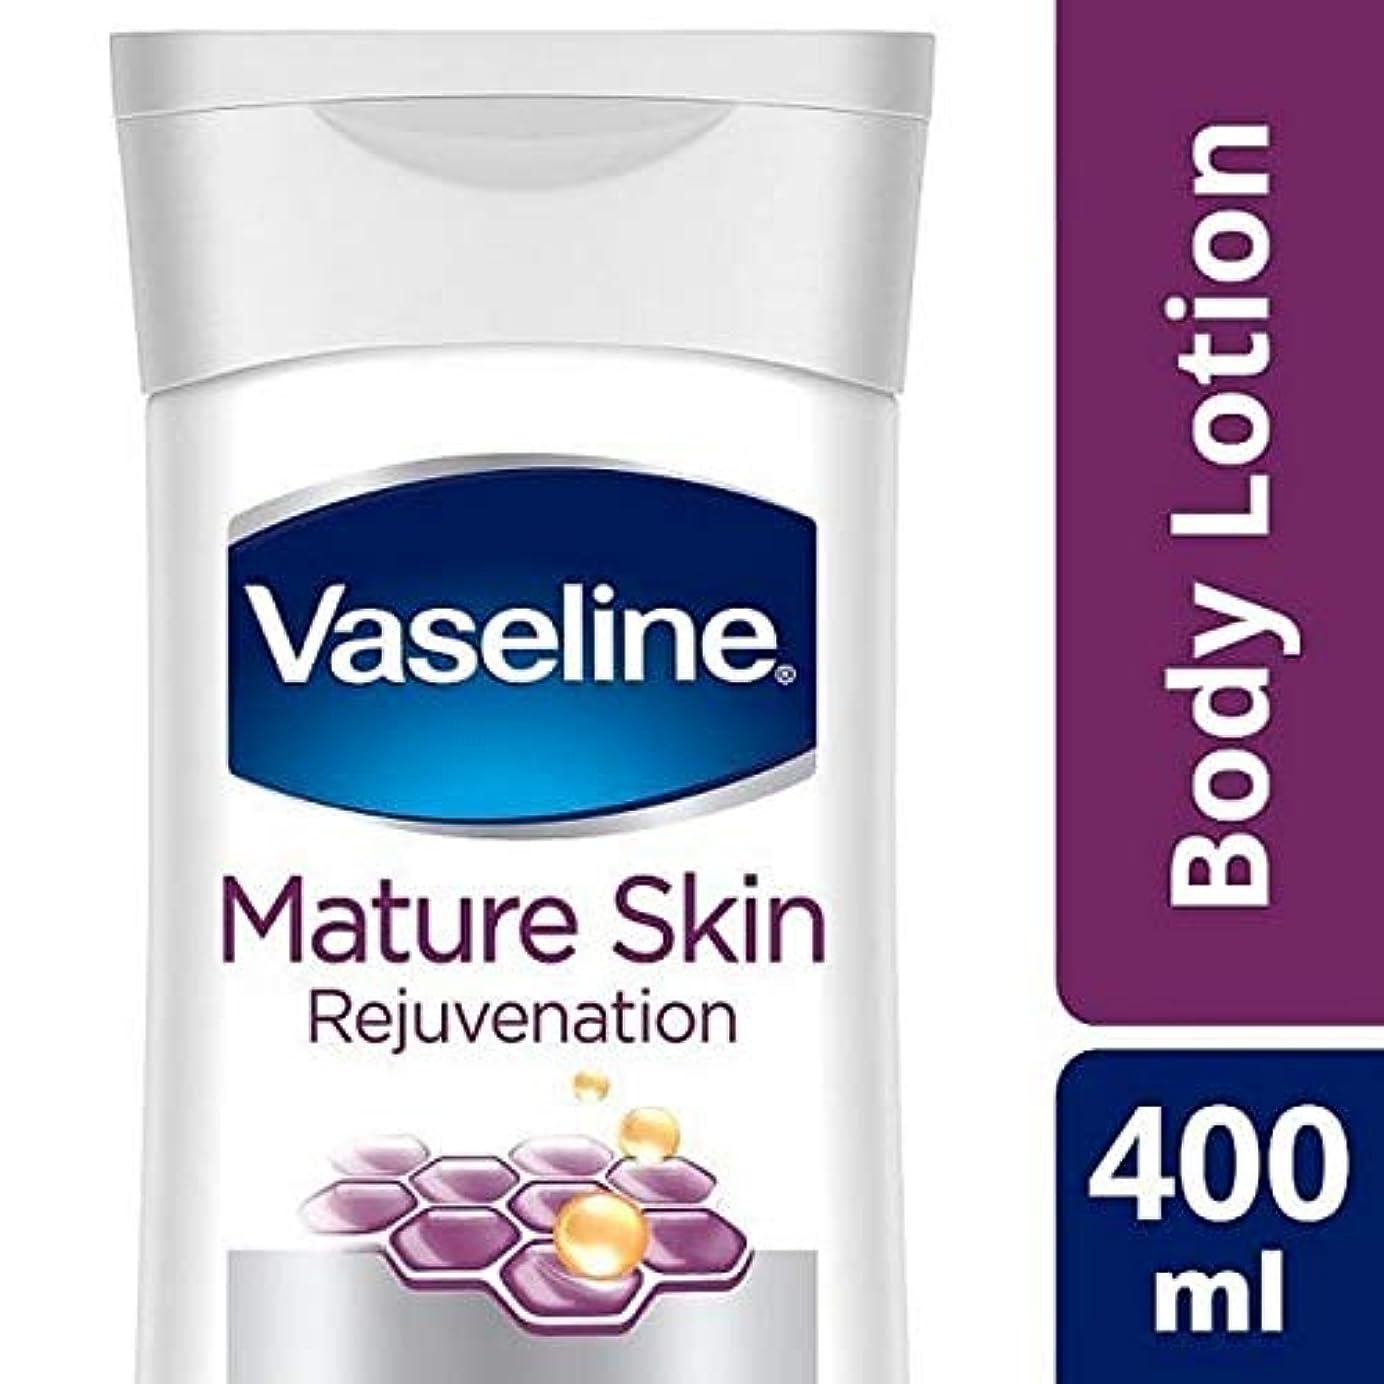 する必要があるリファイン狭い[Vaseline ] 成熟した肌のための400ミリリットルワセリン集中治療ボディローション - Vaseline Intensive Care Body Lotion for Mature Skin 400ml [並行輸入品]